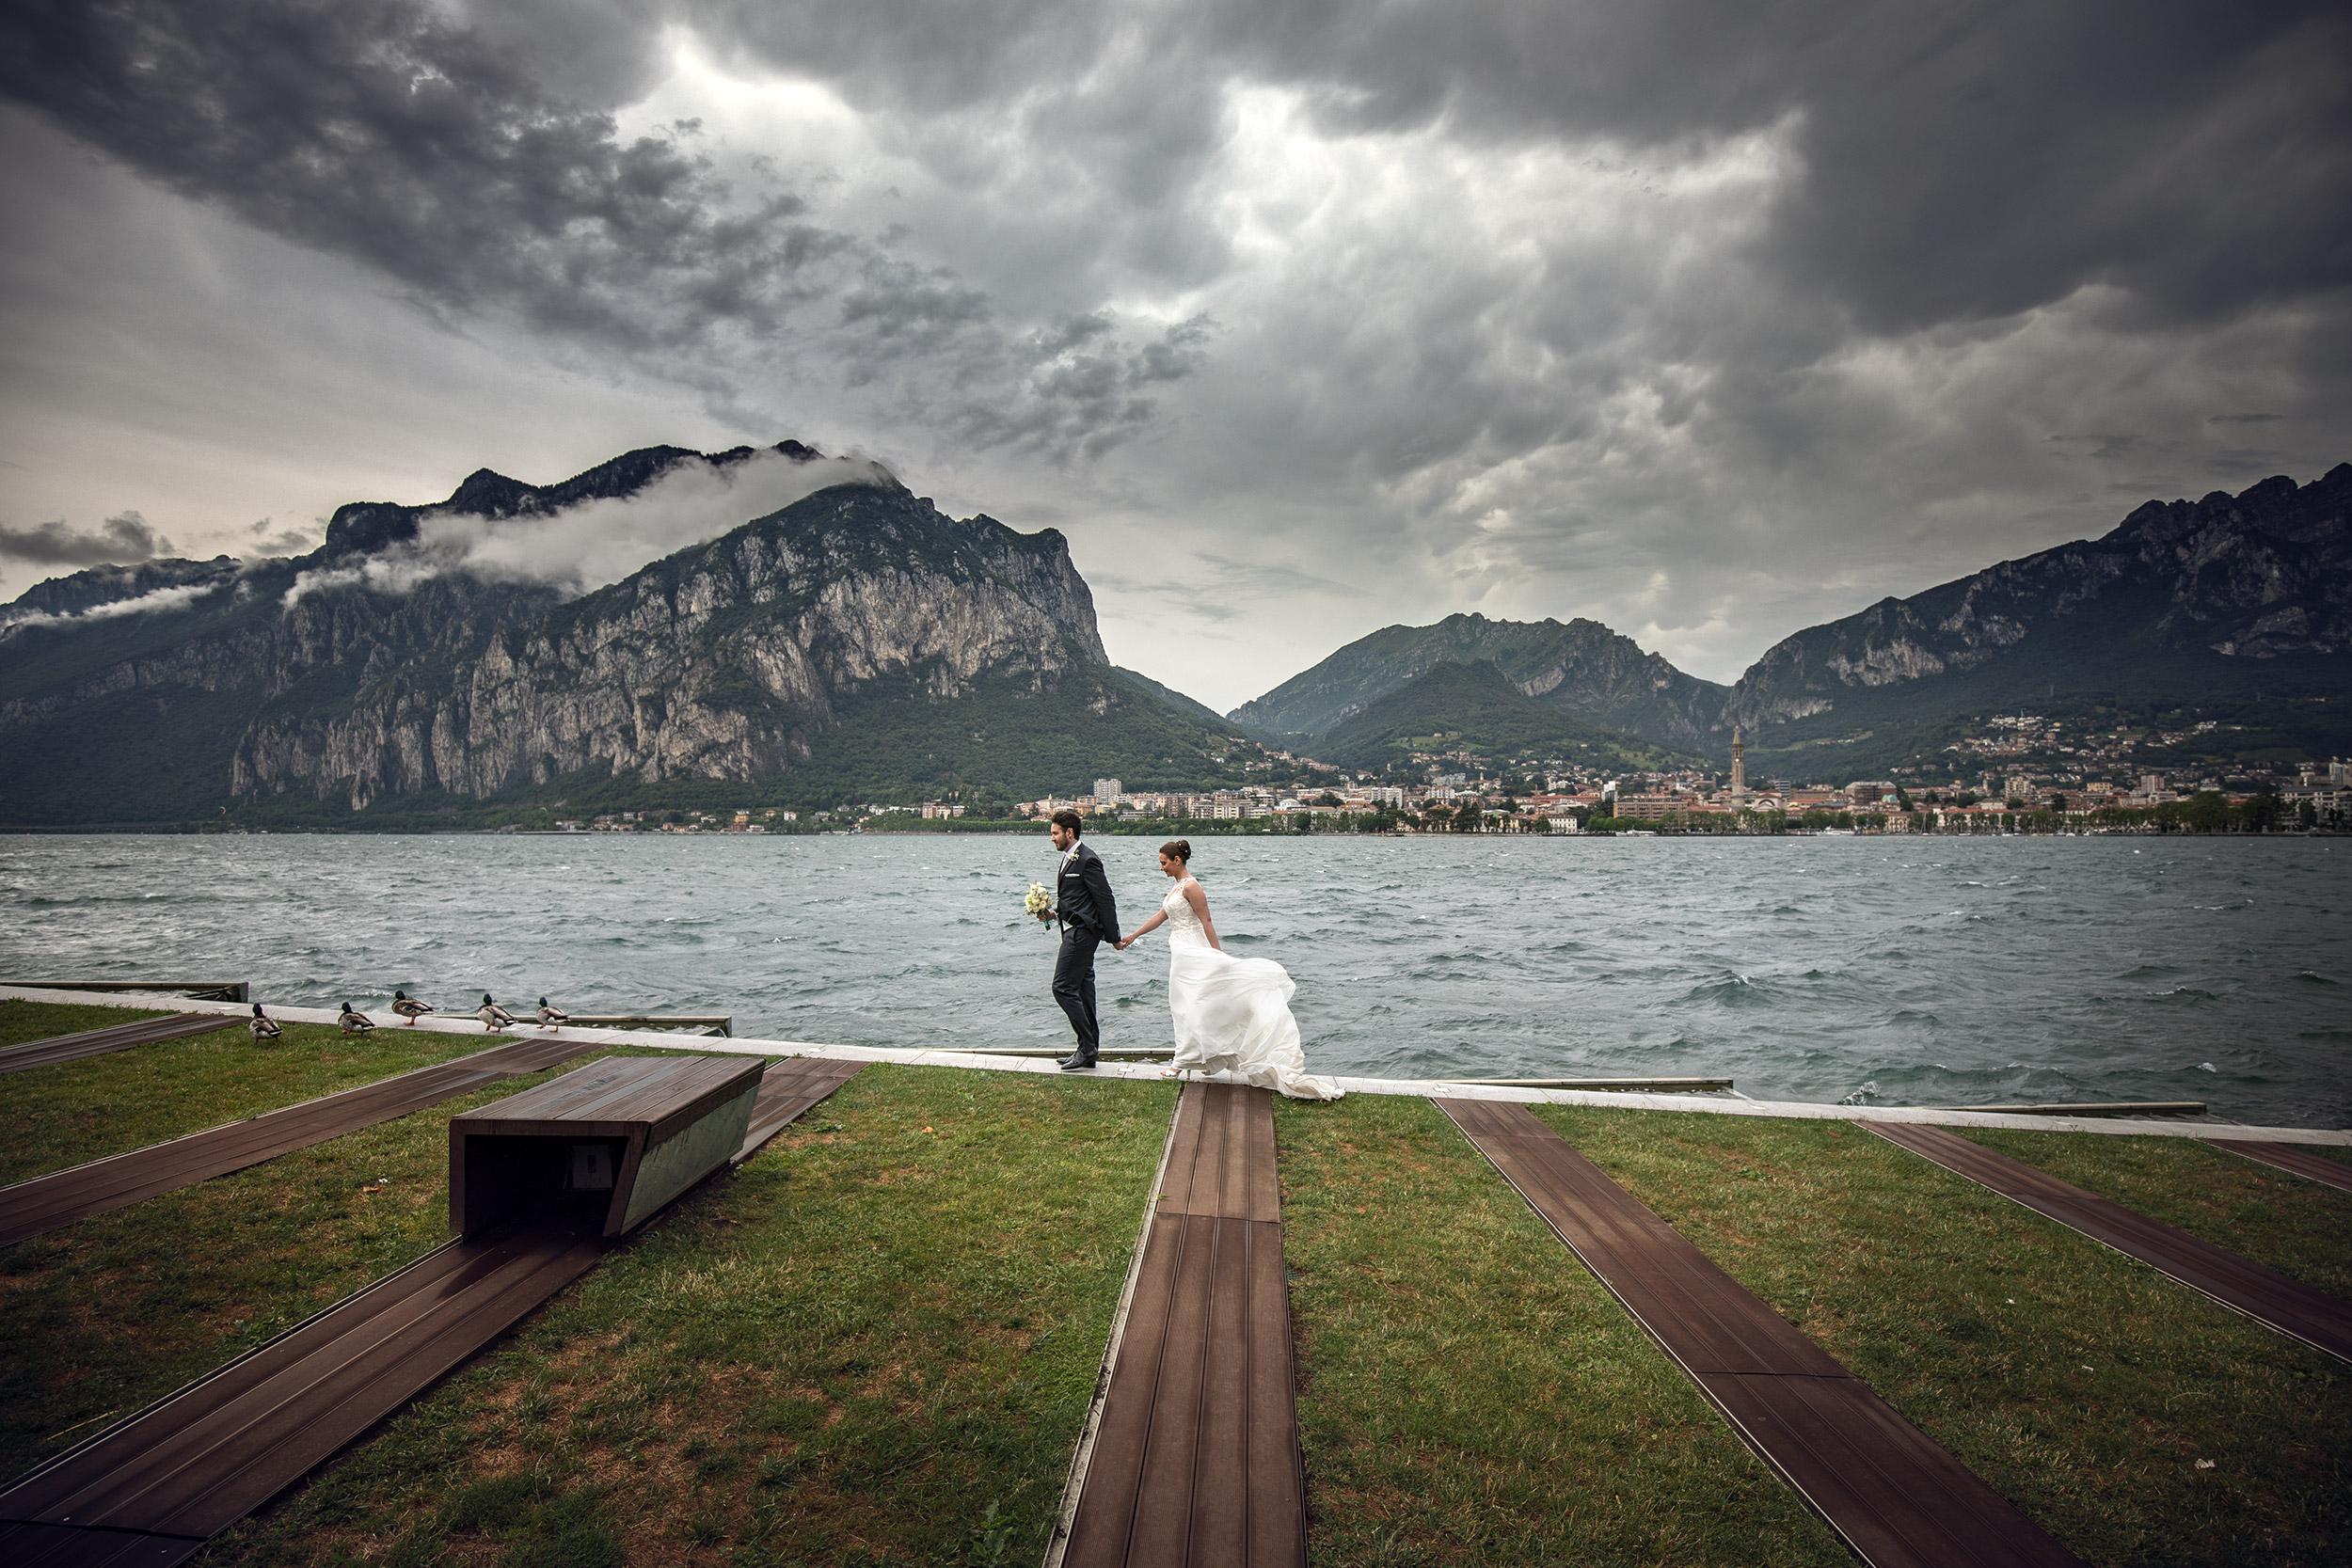 000 reportage ritratti wedding sposi foto matrimonio lago como lungolago malgrate lecco copia 1